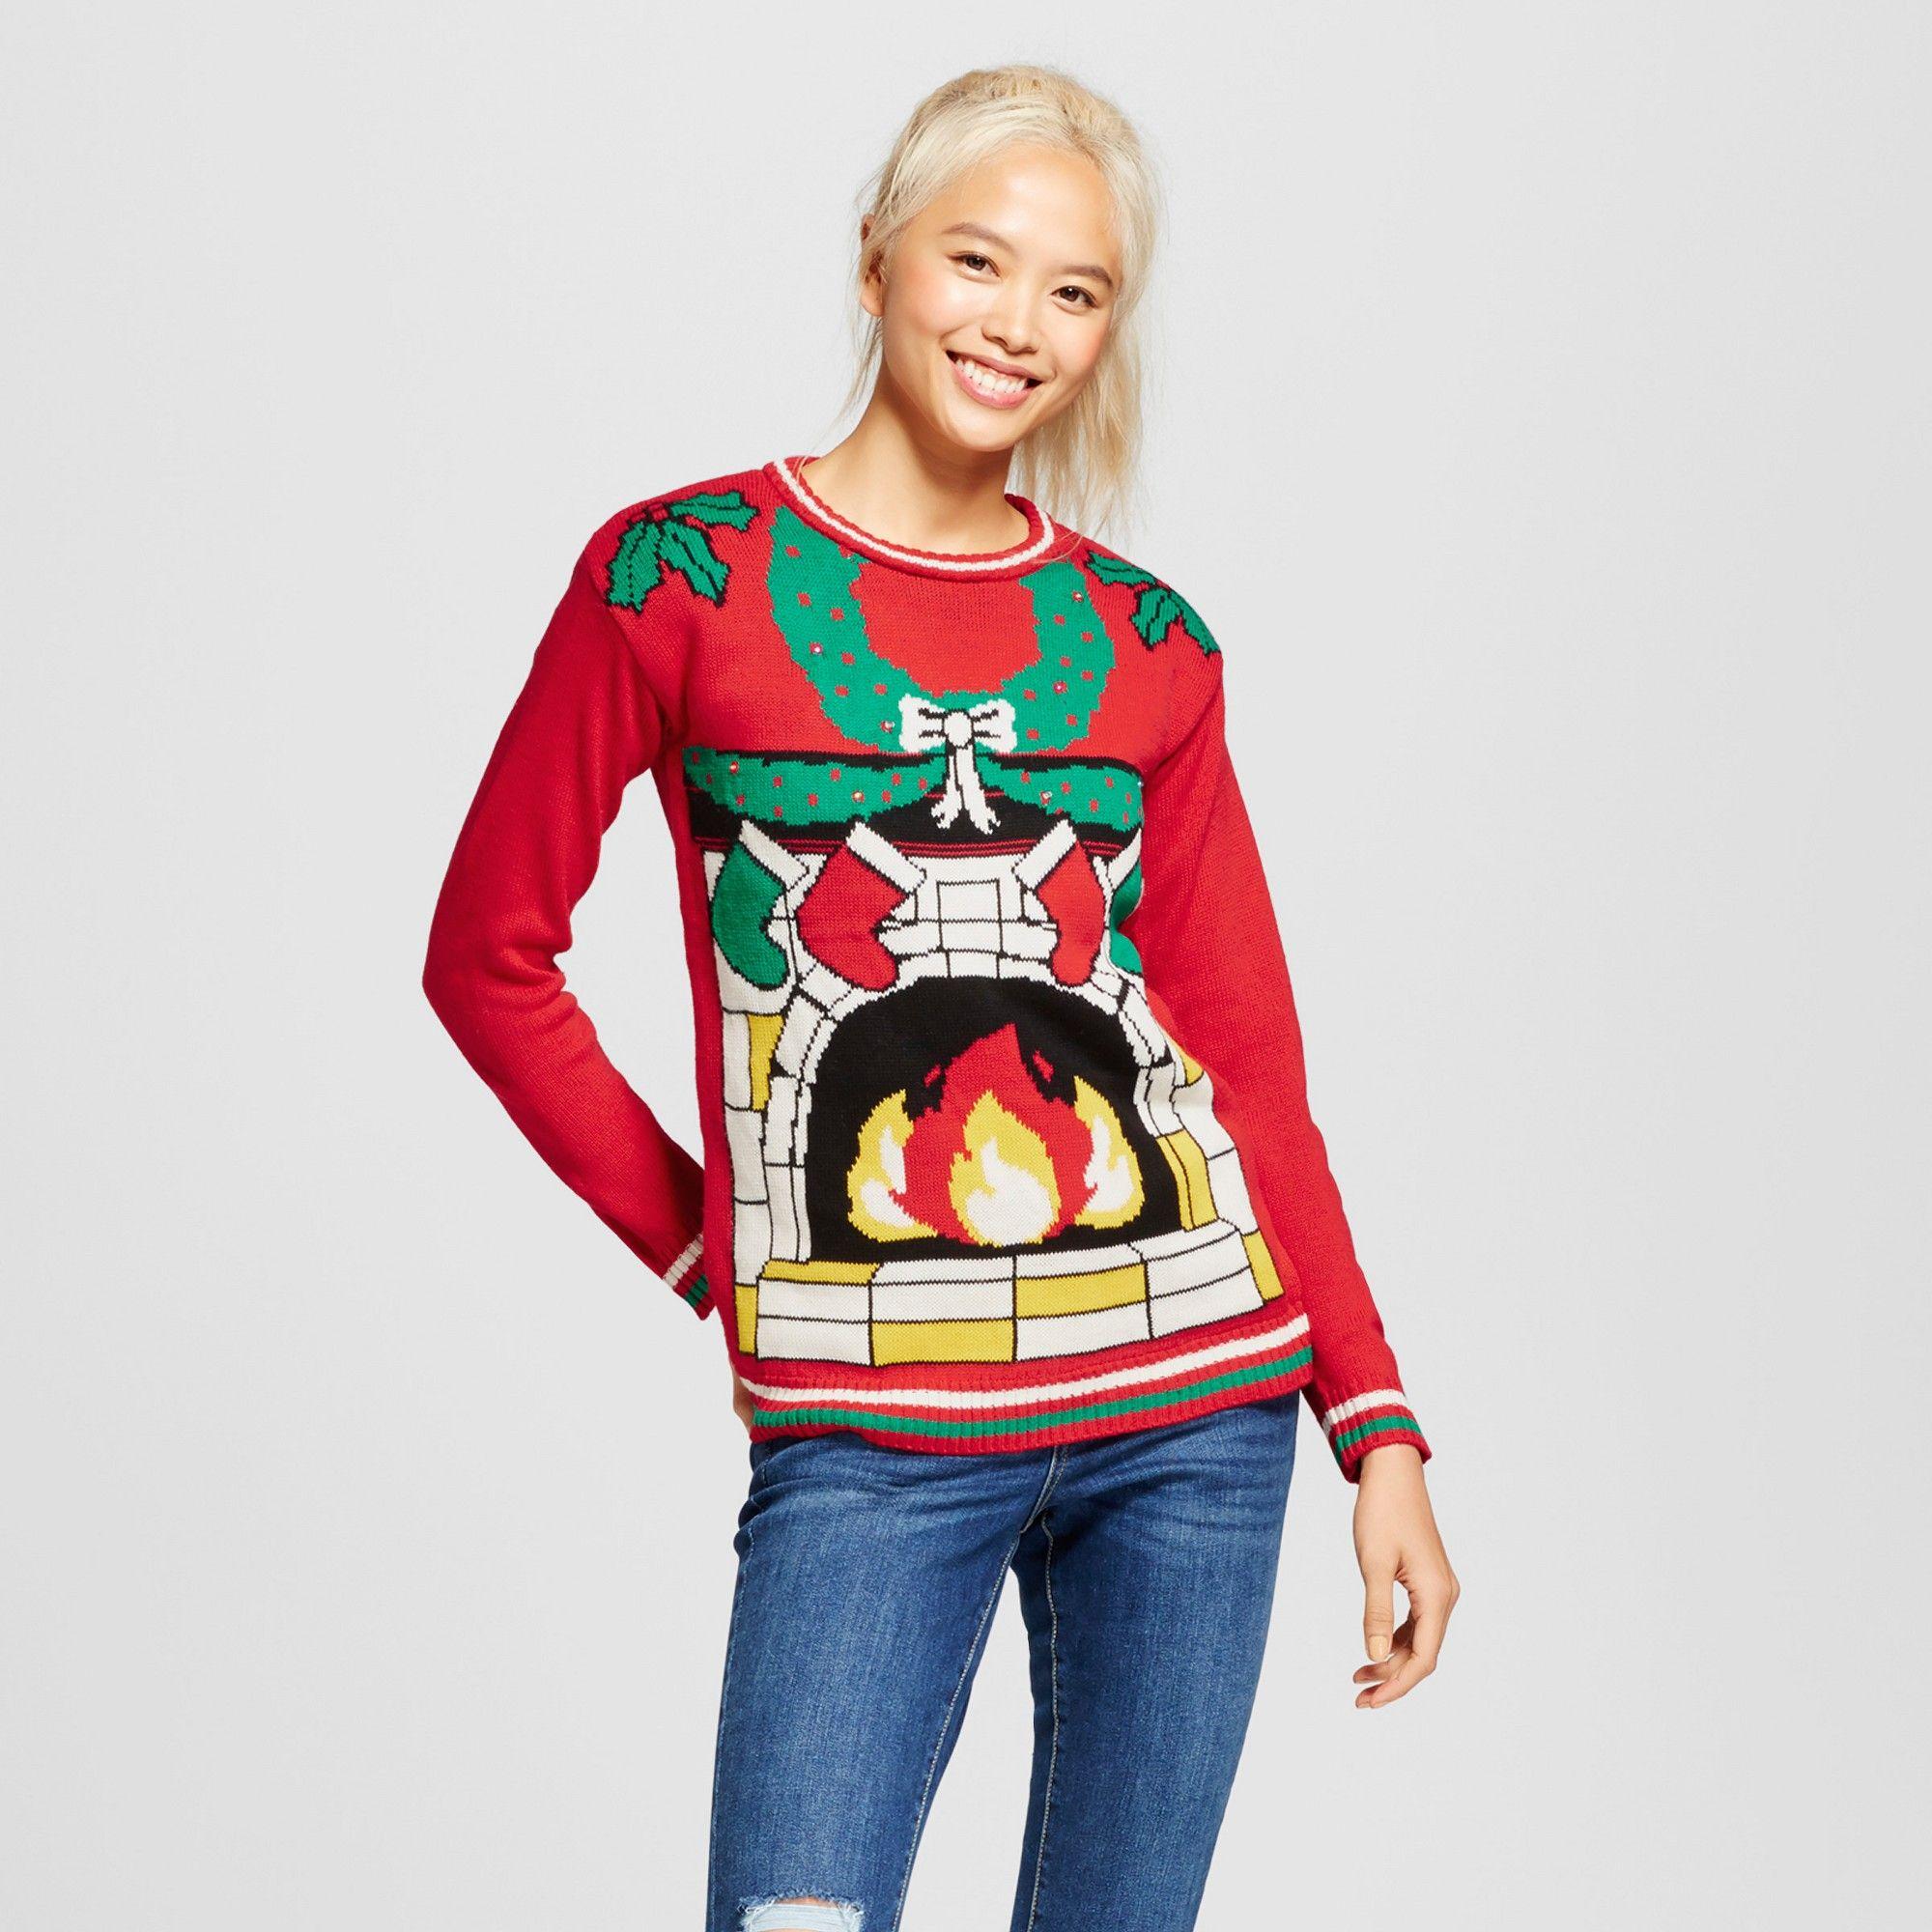 440e8c1bd90 Women s Light-Up Fireplace Sweater - Xhilaration (Juniors ) Red S ...